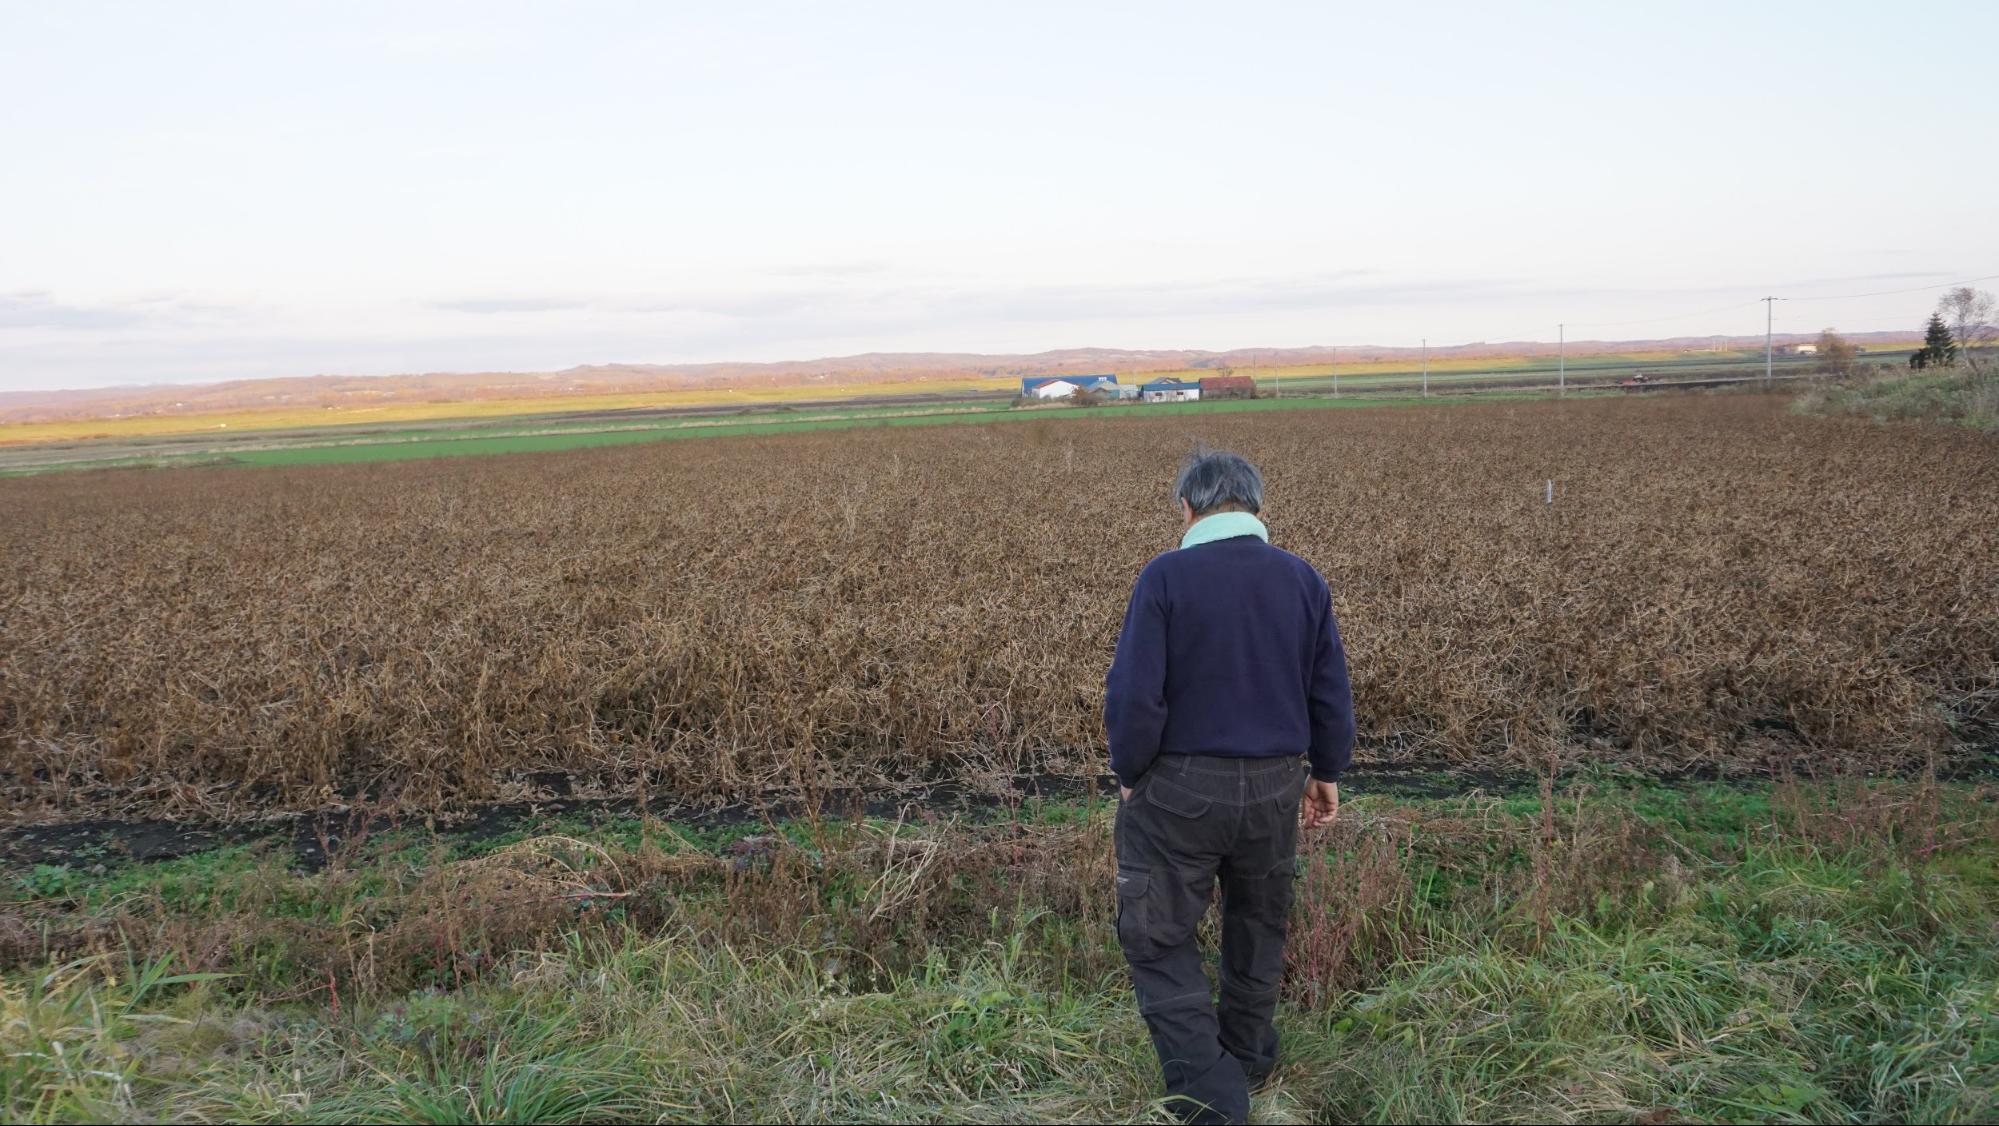 Q農業をはじめられてどれぐらいになりますか